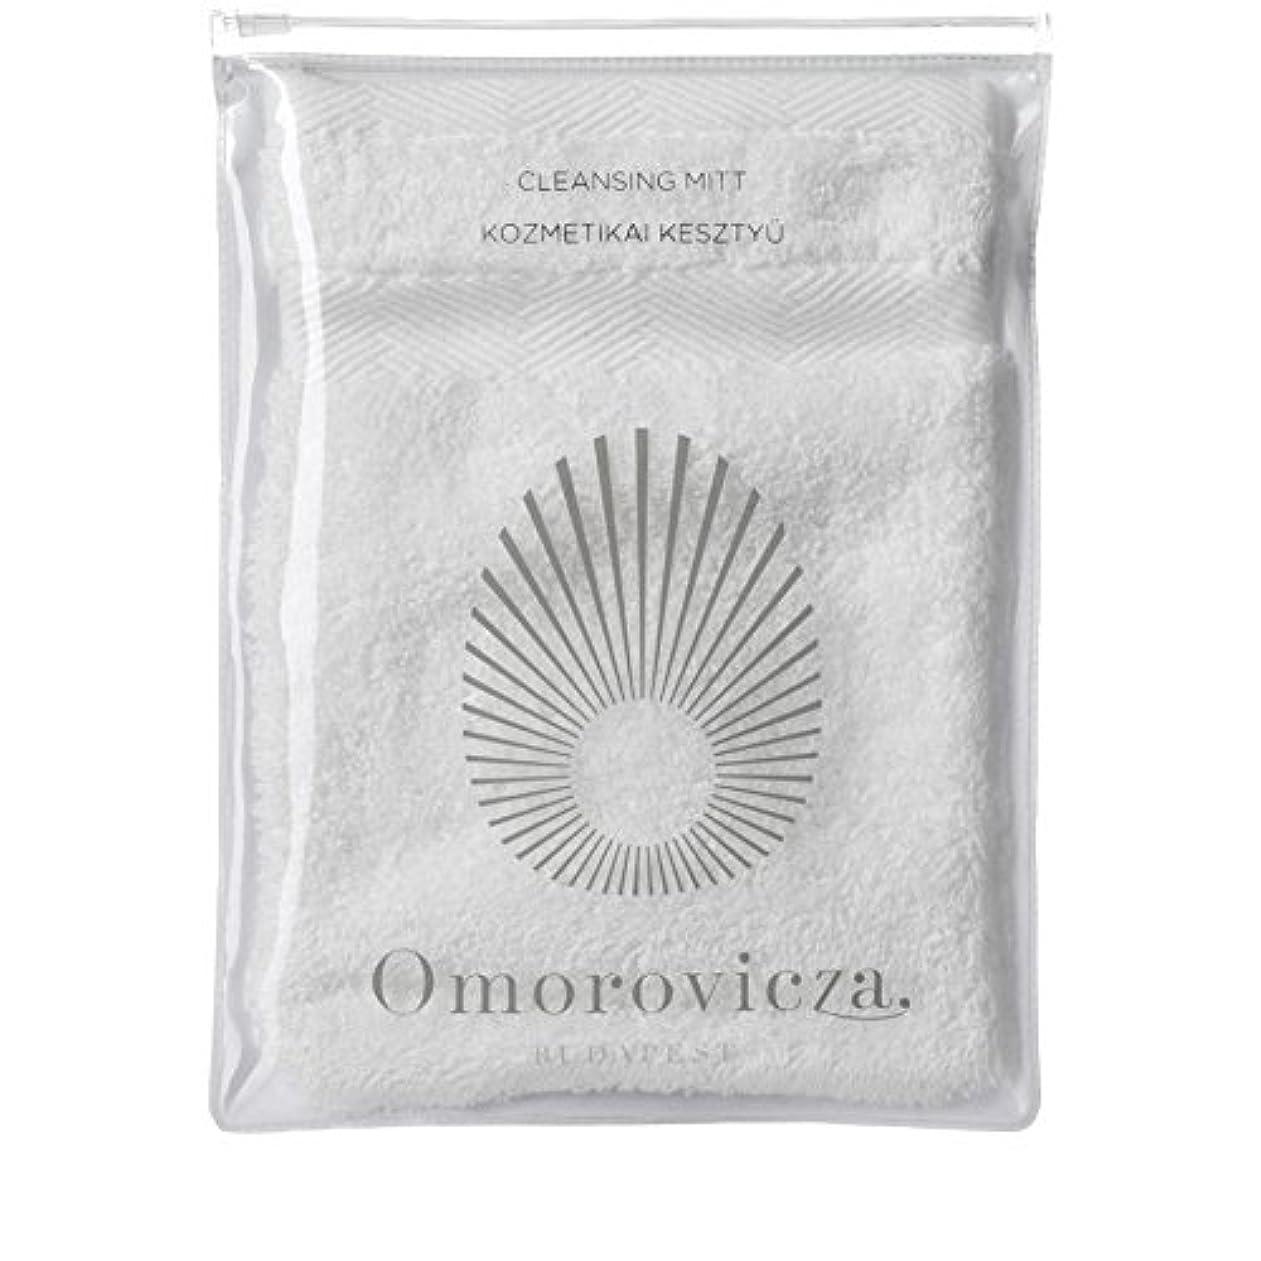 与える絡まるみすぼらしいOmorovicza Cleansing Facial Mitt, Omorovicza - クレンジング顔のミット、 [並行輸入品]